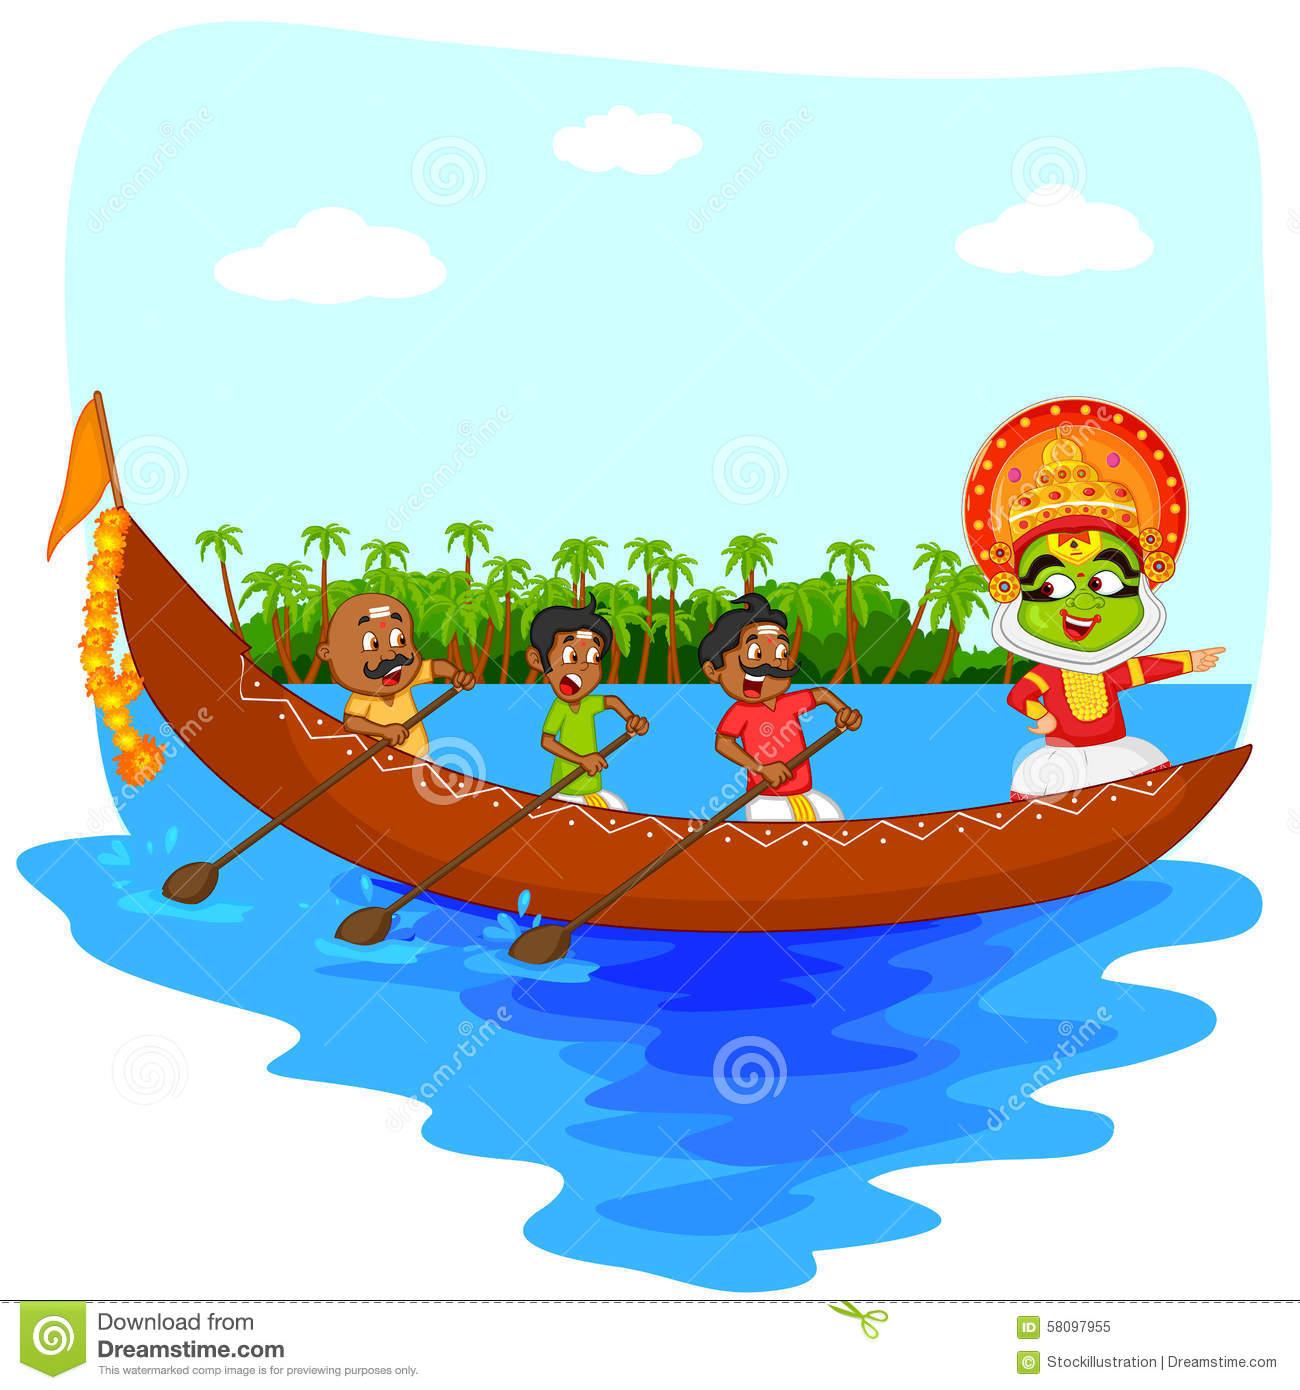 Kerala boat clipart.